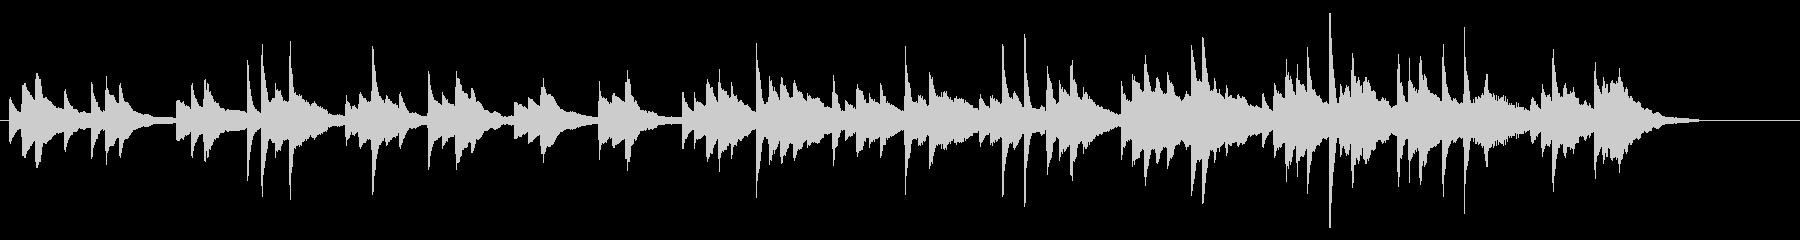 感動系シーンのピアノソロの未再生の波形